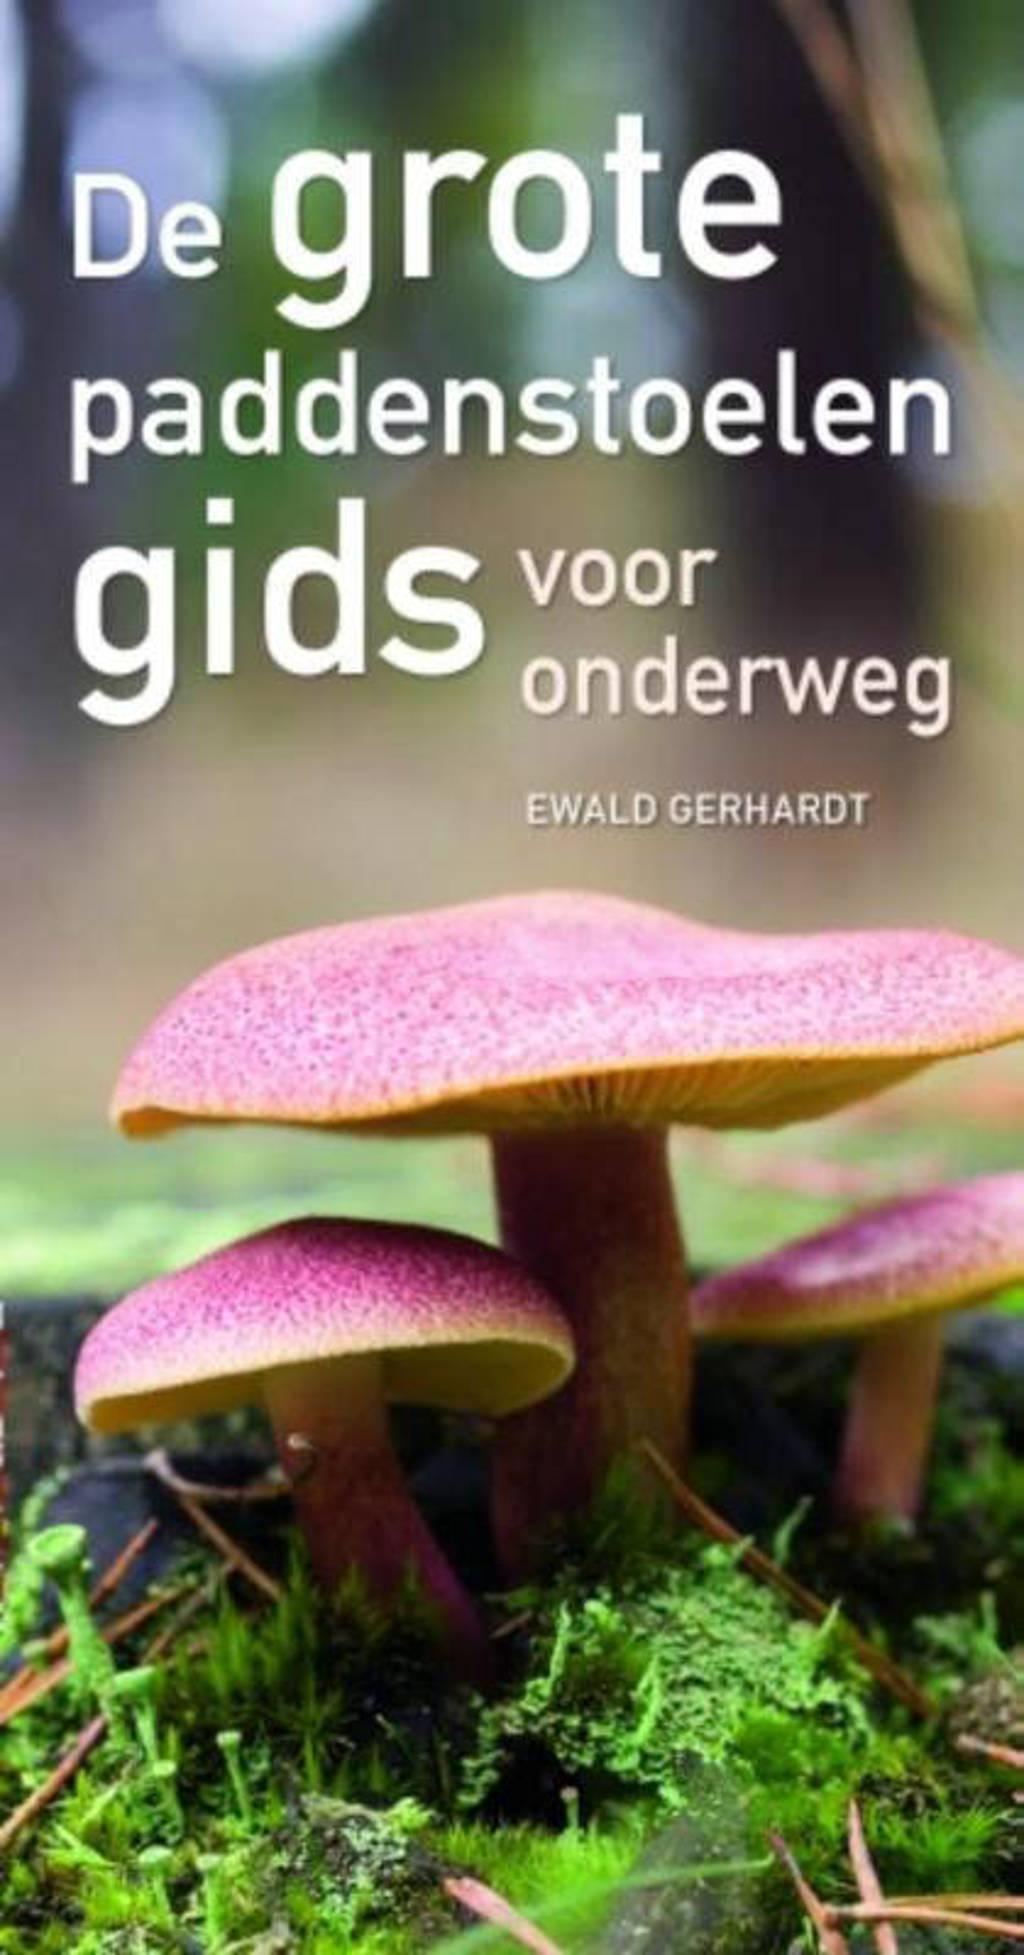 De grote paddenstoelengids voor onderweg - Ewald Gerhardt